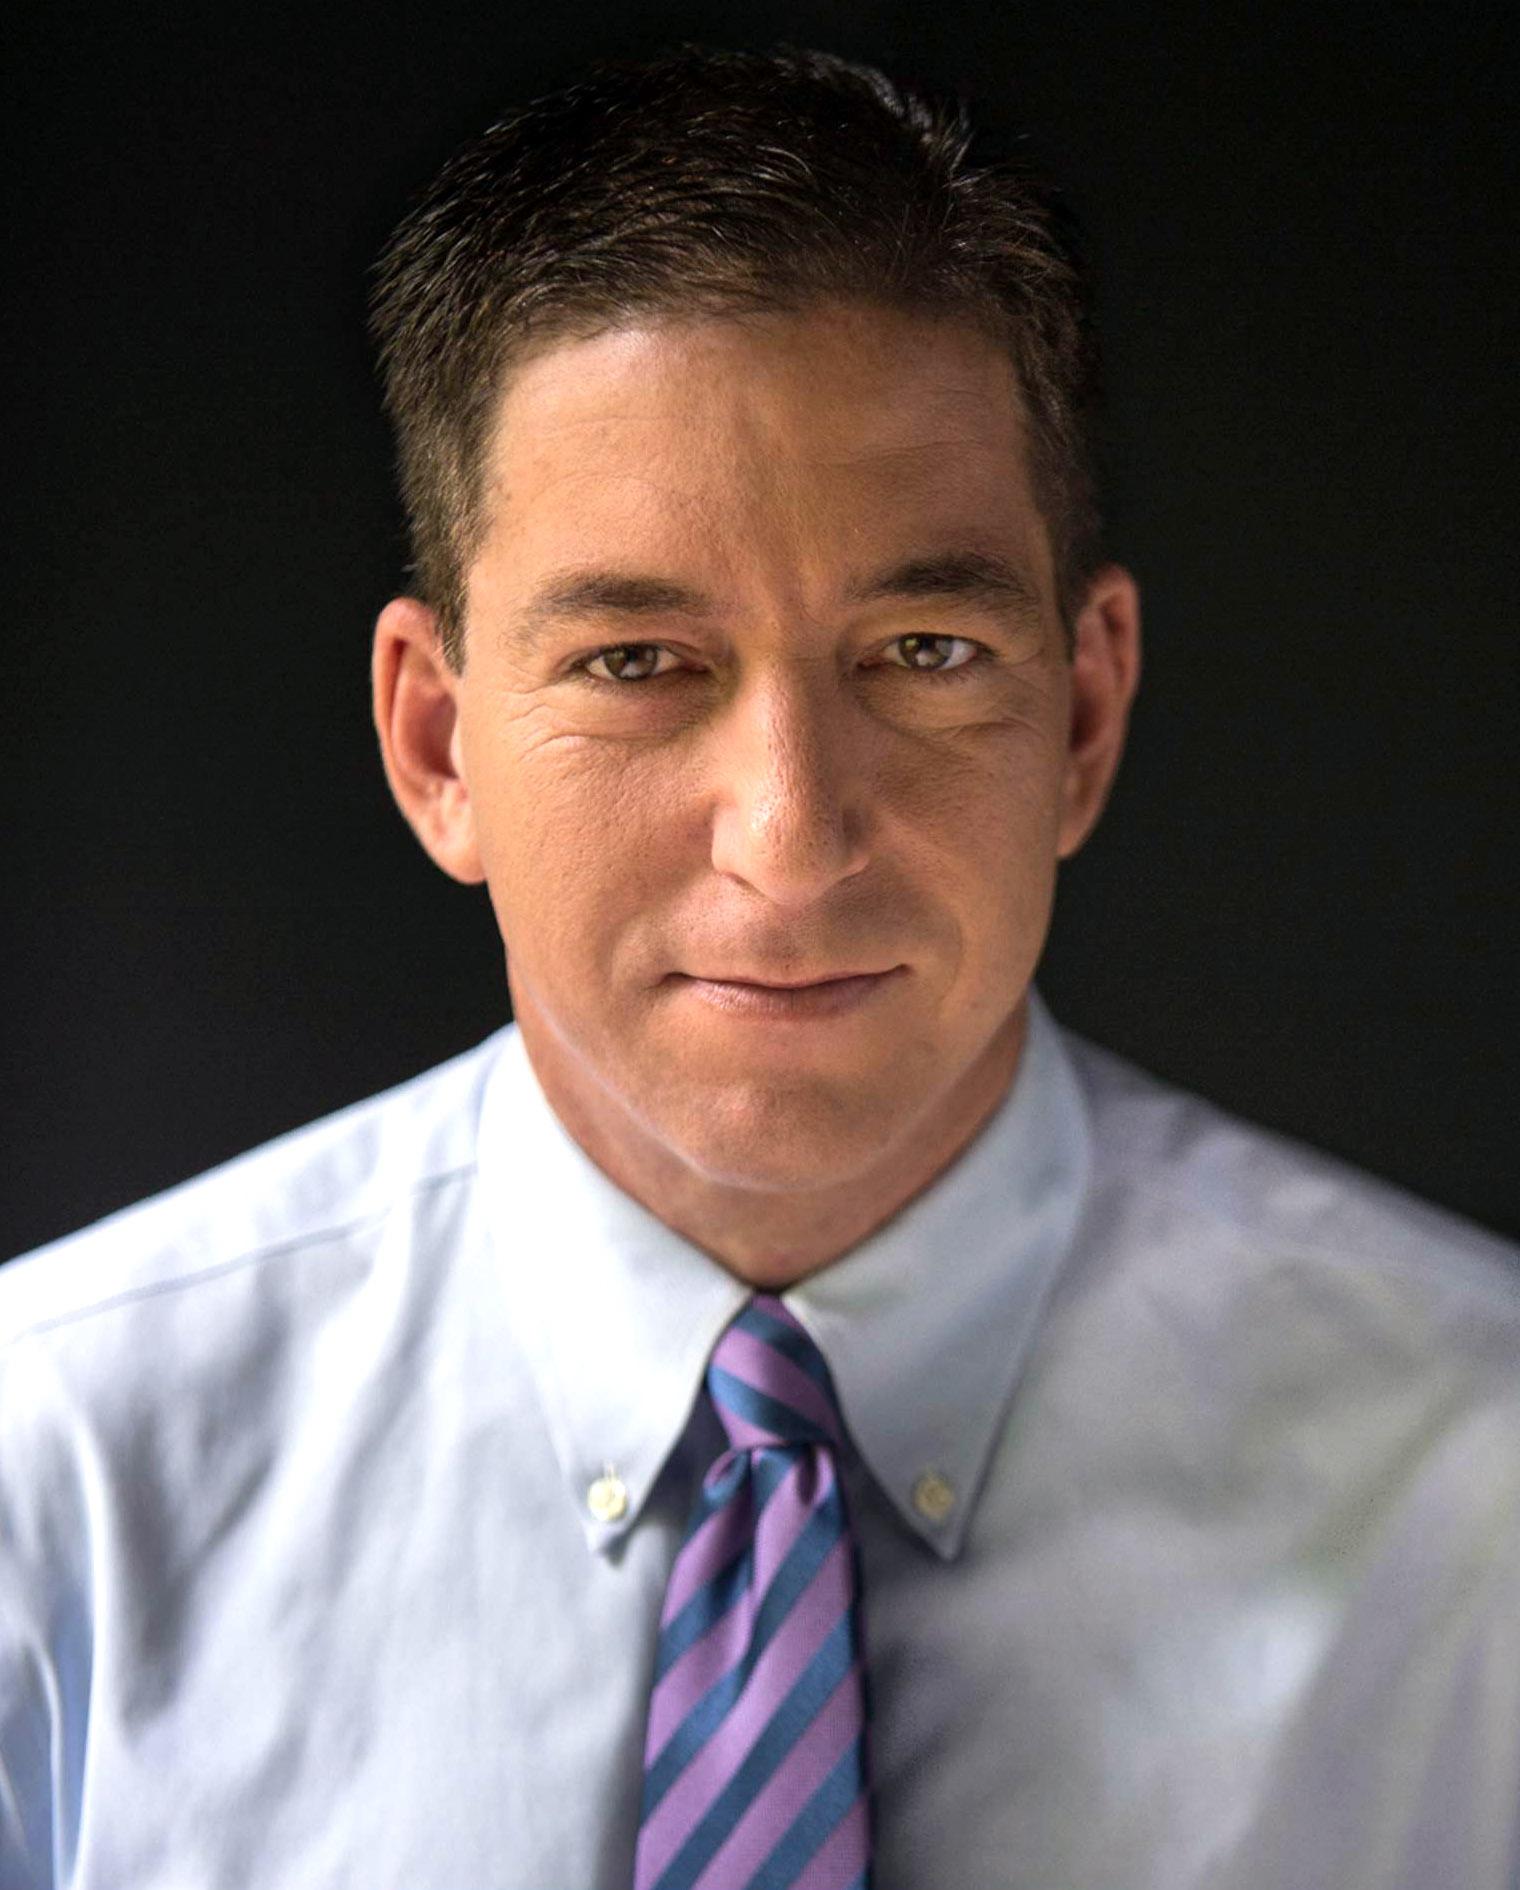 Glenn Greenwald - Wikipedia